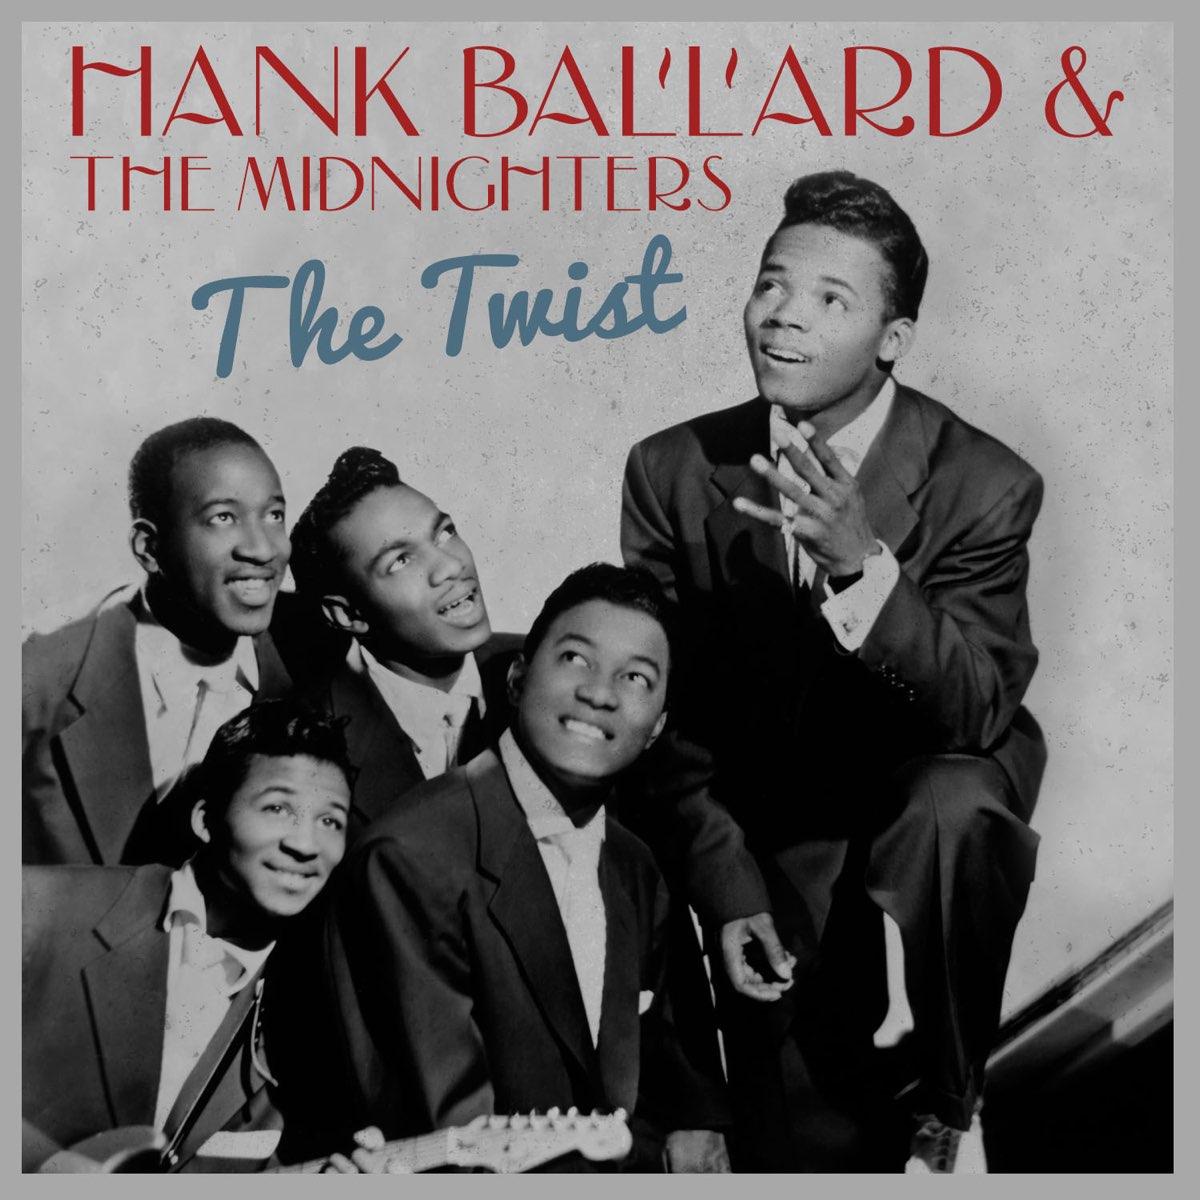 ハンク・バラード & The Midnightersの「The Twist - Single」をApple Musicで